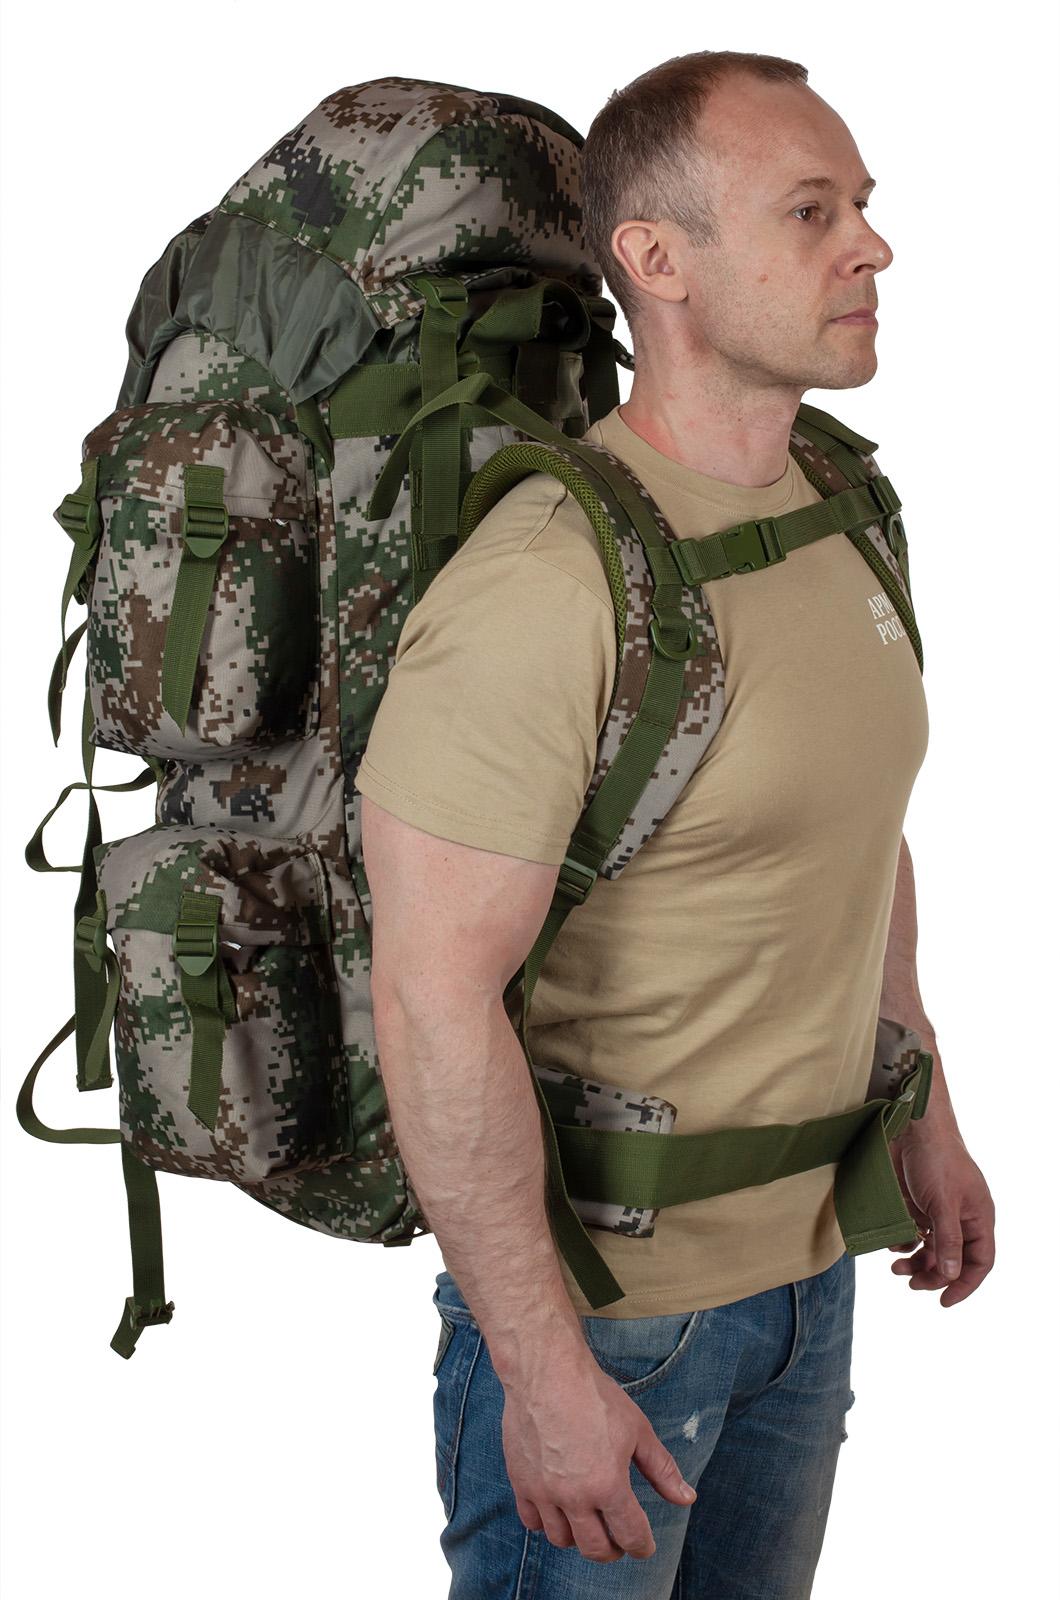 Эргономичный вместительный рюкзак с нашивкой Охотничий Спецназ - заказать с доставкой